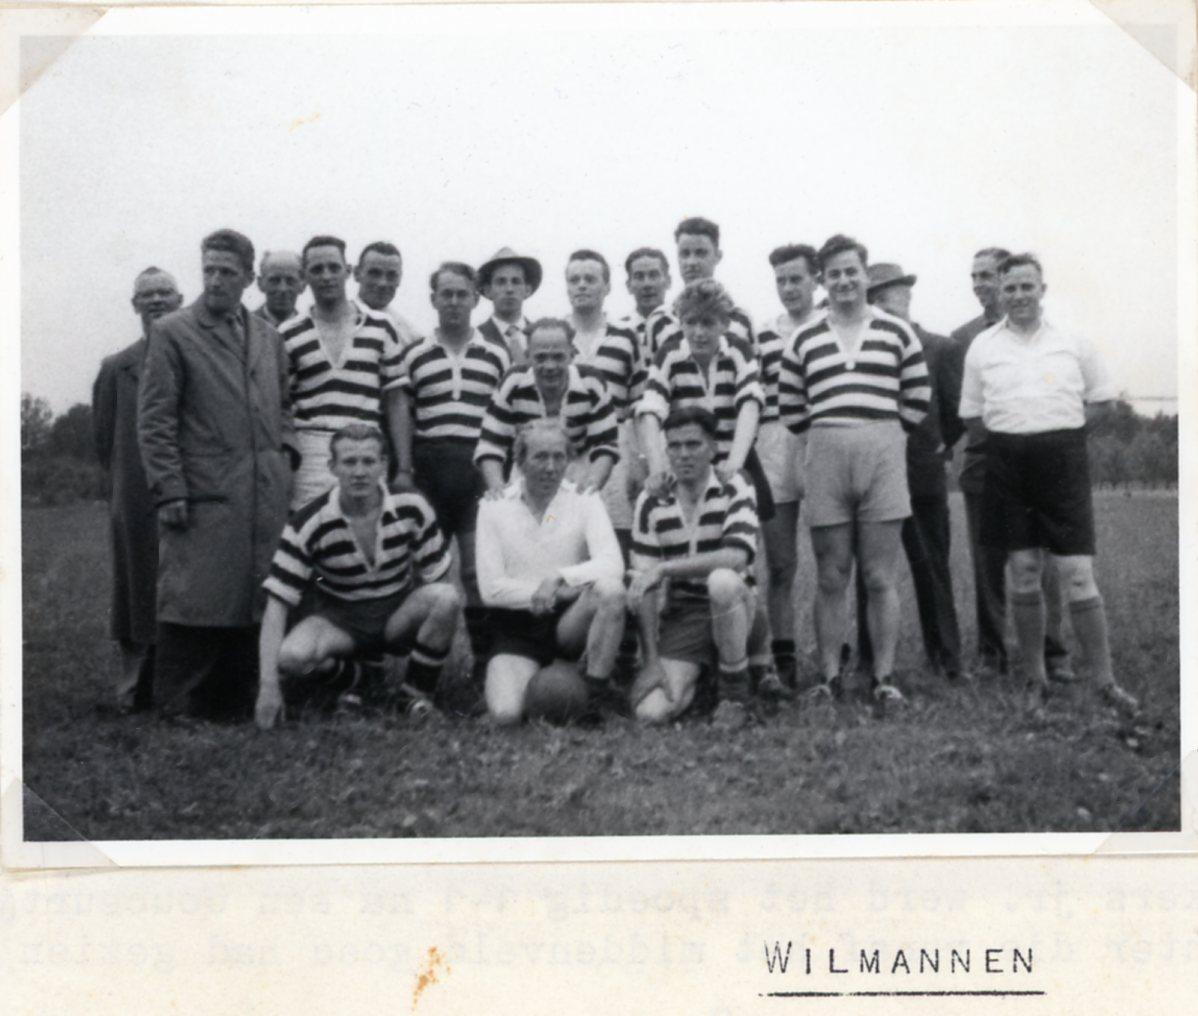 1956 DE WILMANNEN 094